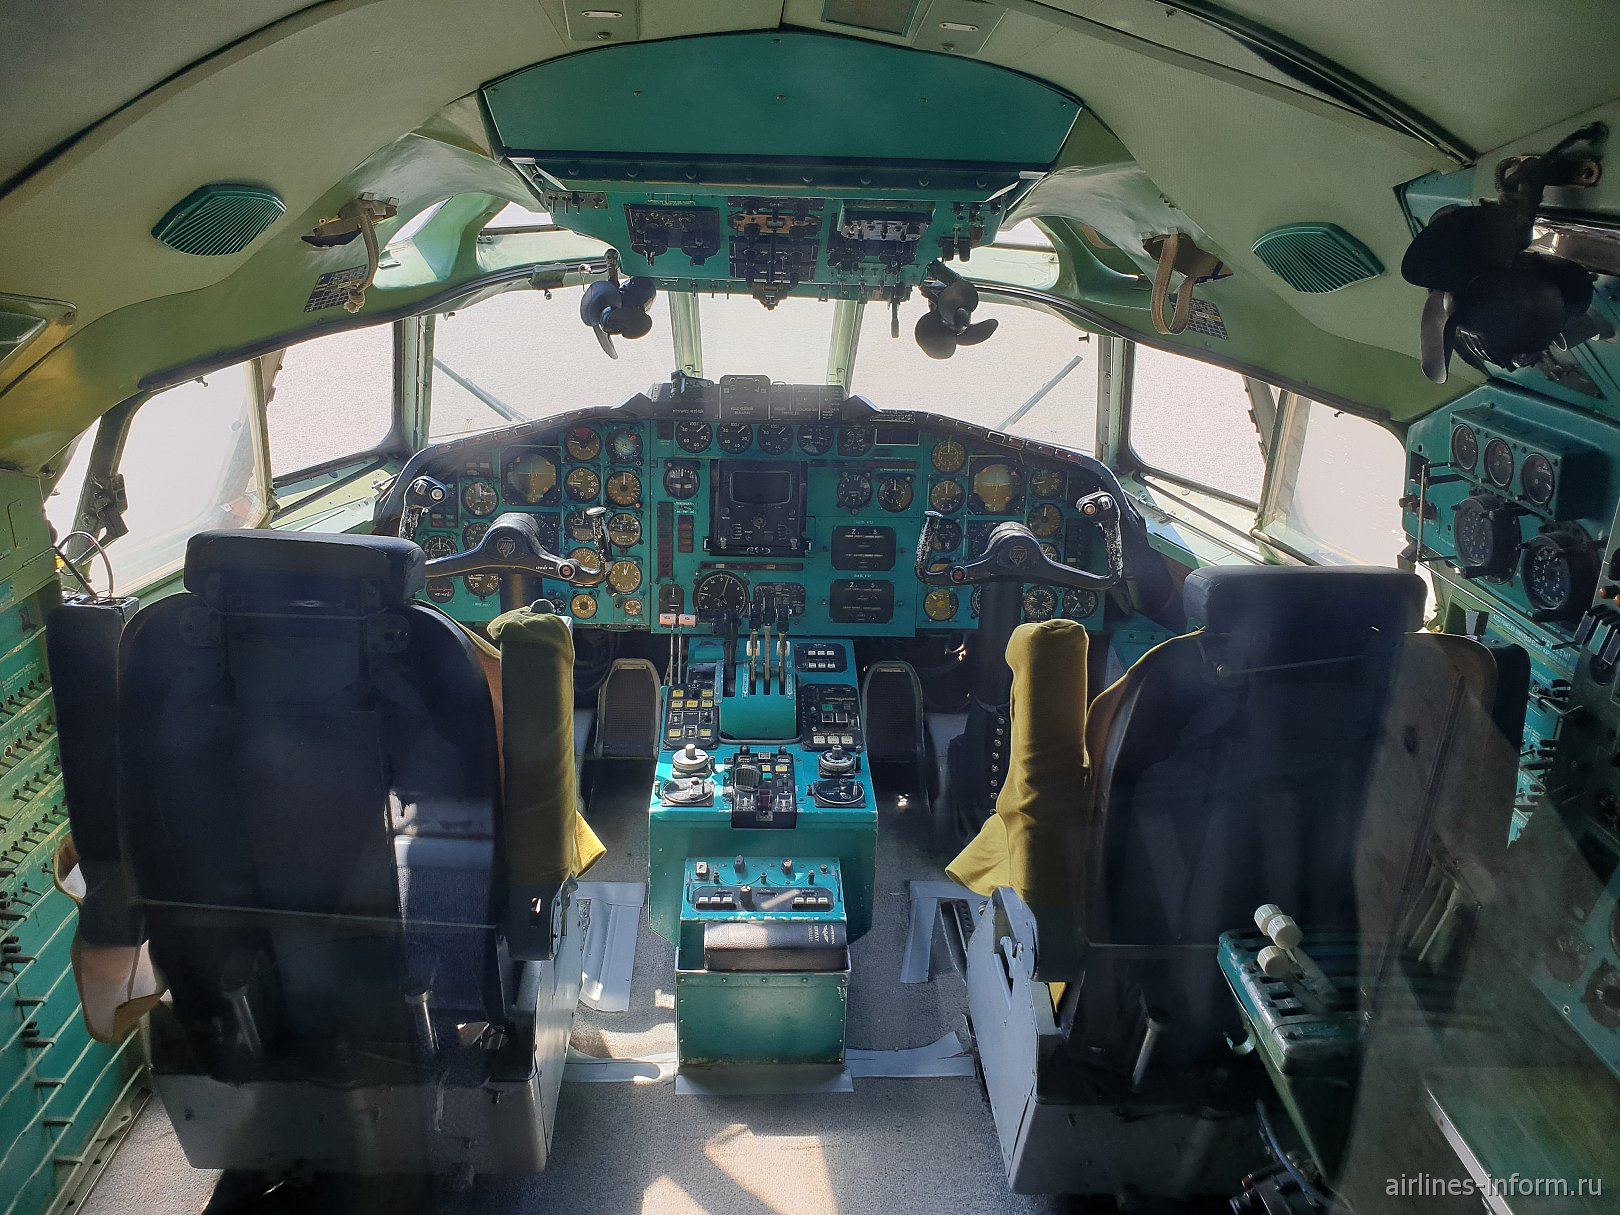 Пилотская кабина в самолете Ту-154Б-2